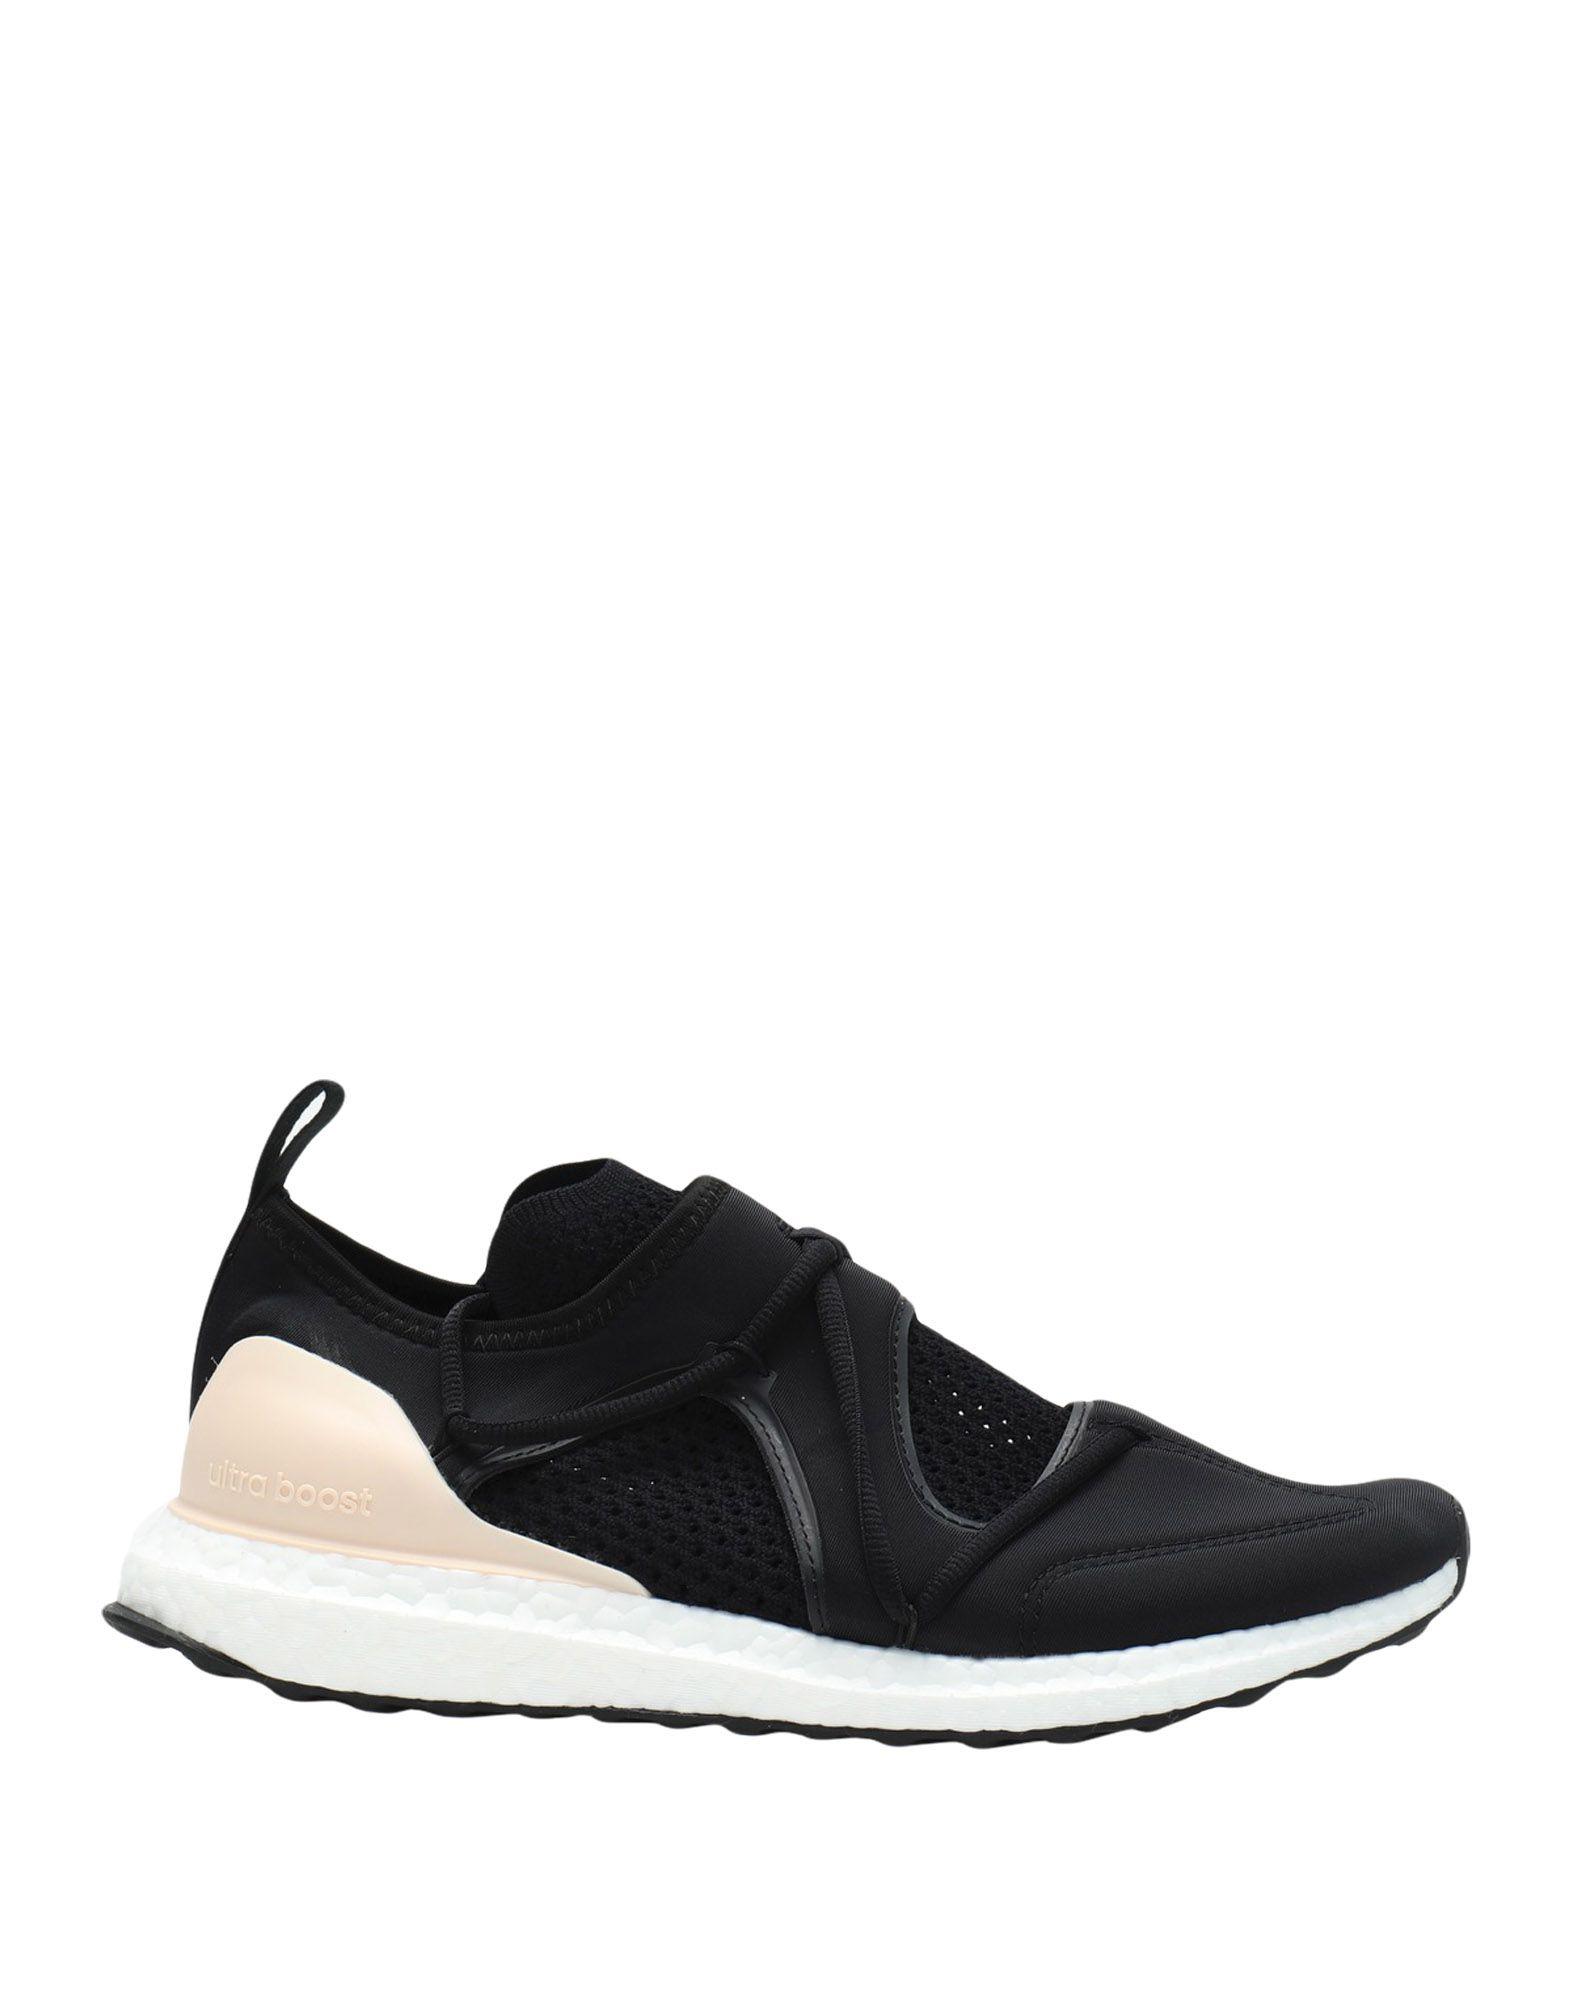 2f6c10b5a ADIDAS by STELLA McCARTNEY Sneakers - Footwear | YOOX.COM